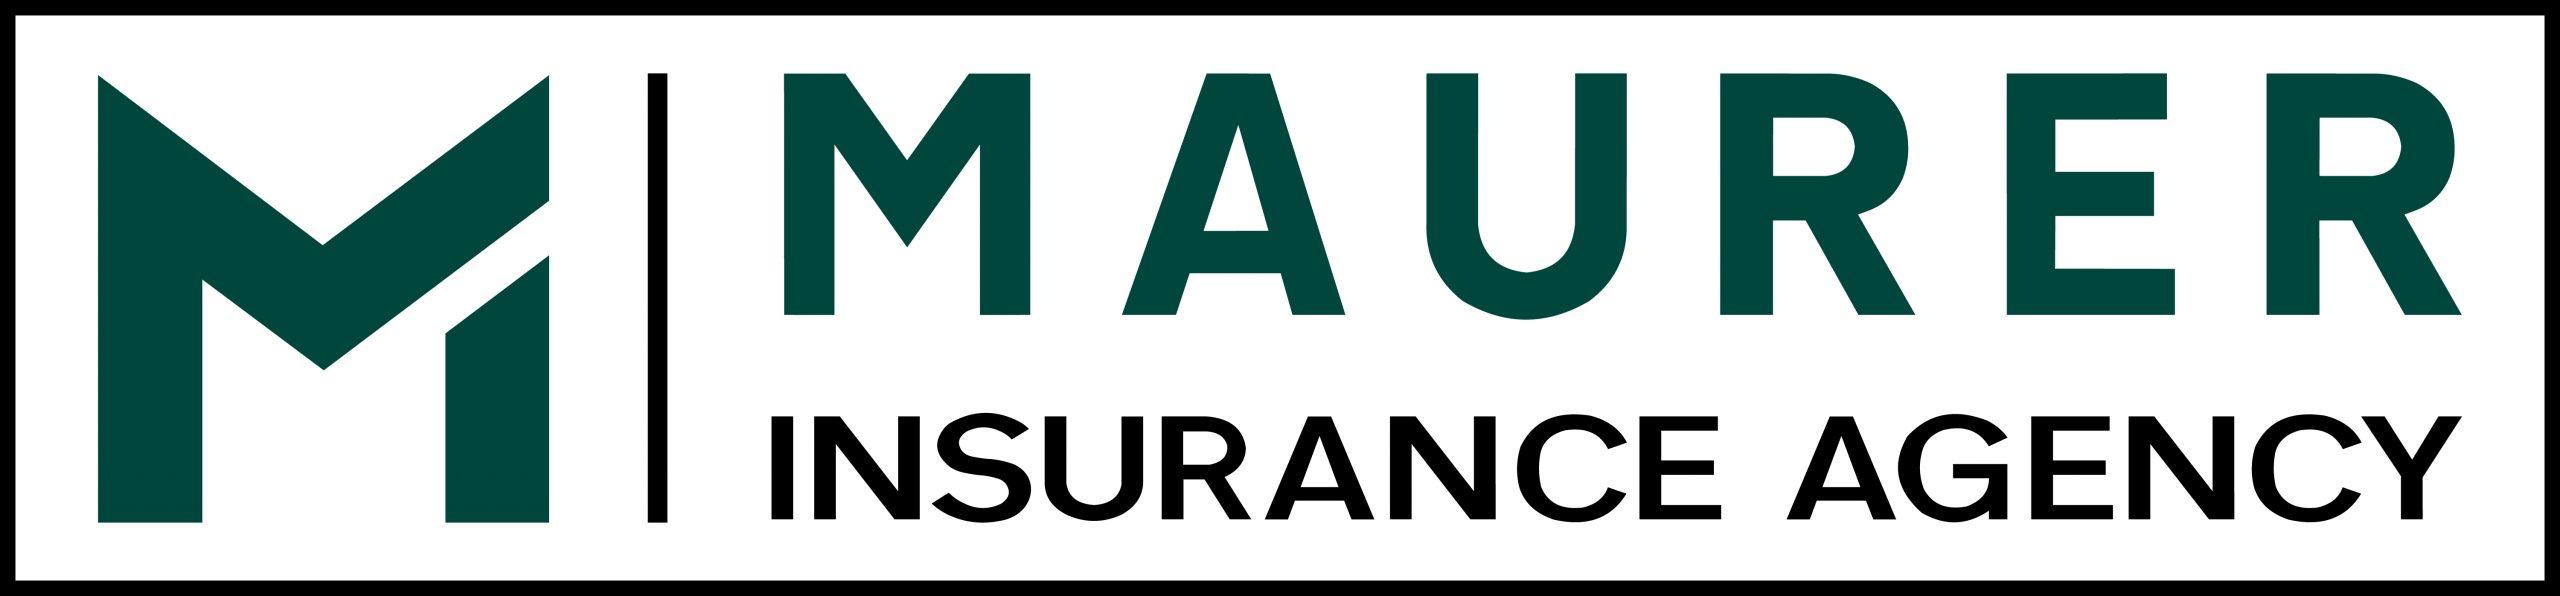 Maurer Insurance Agency